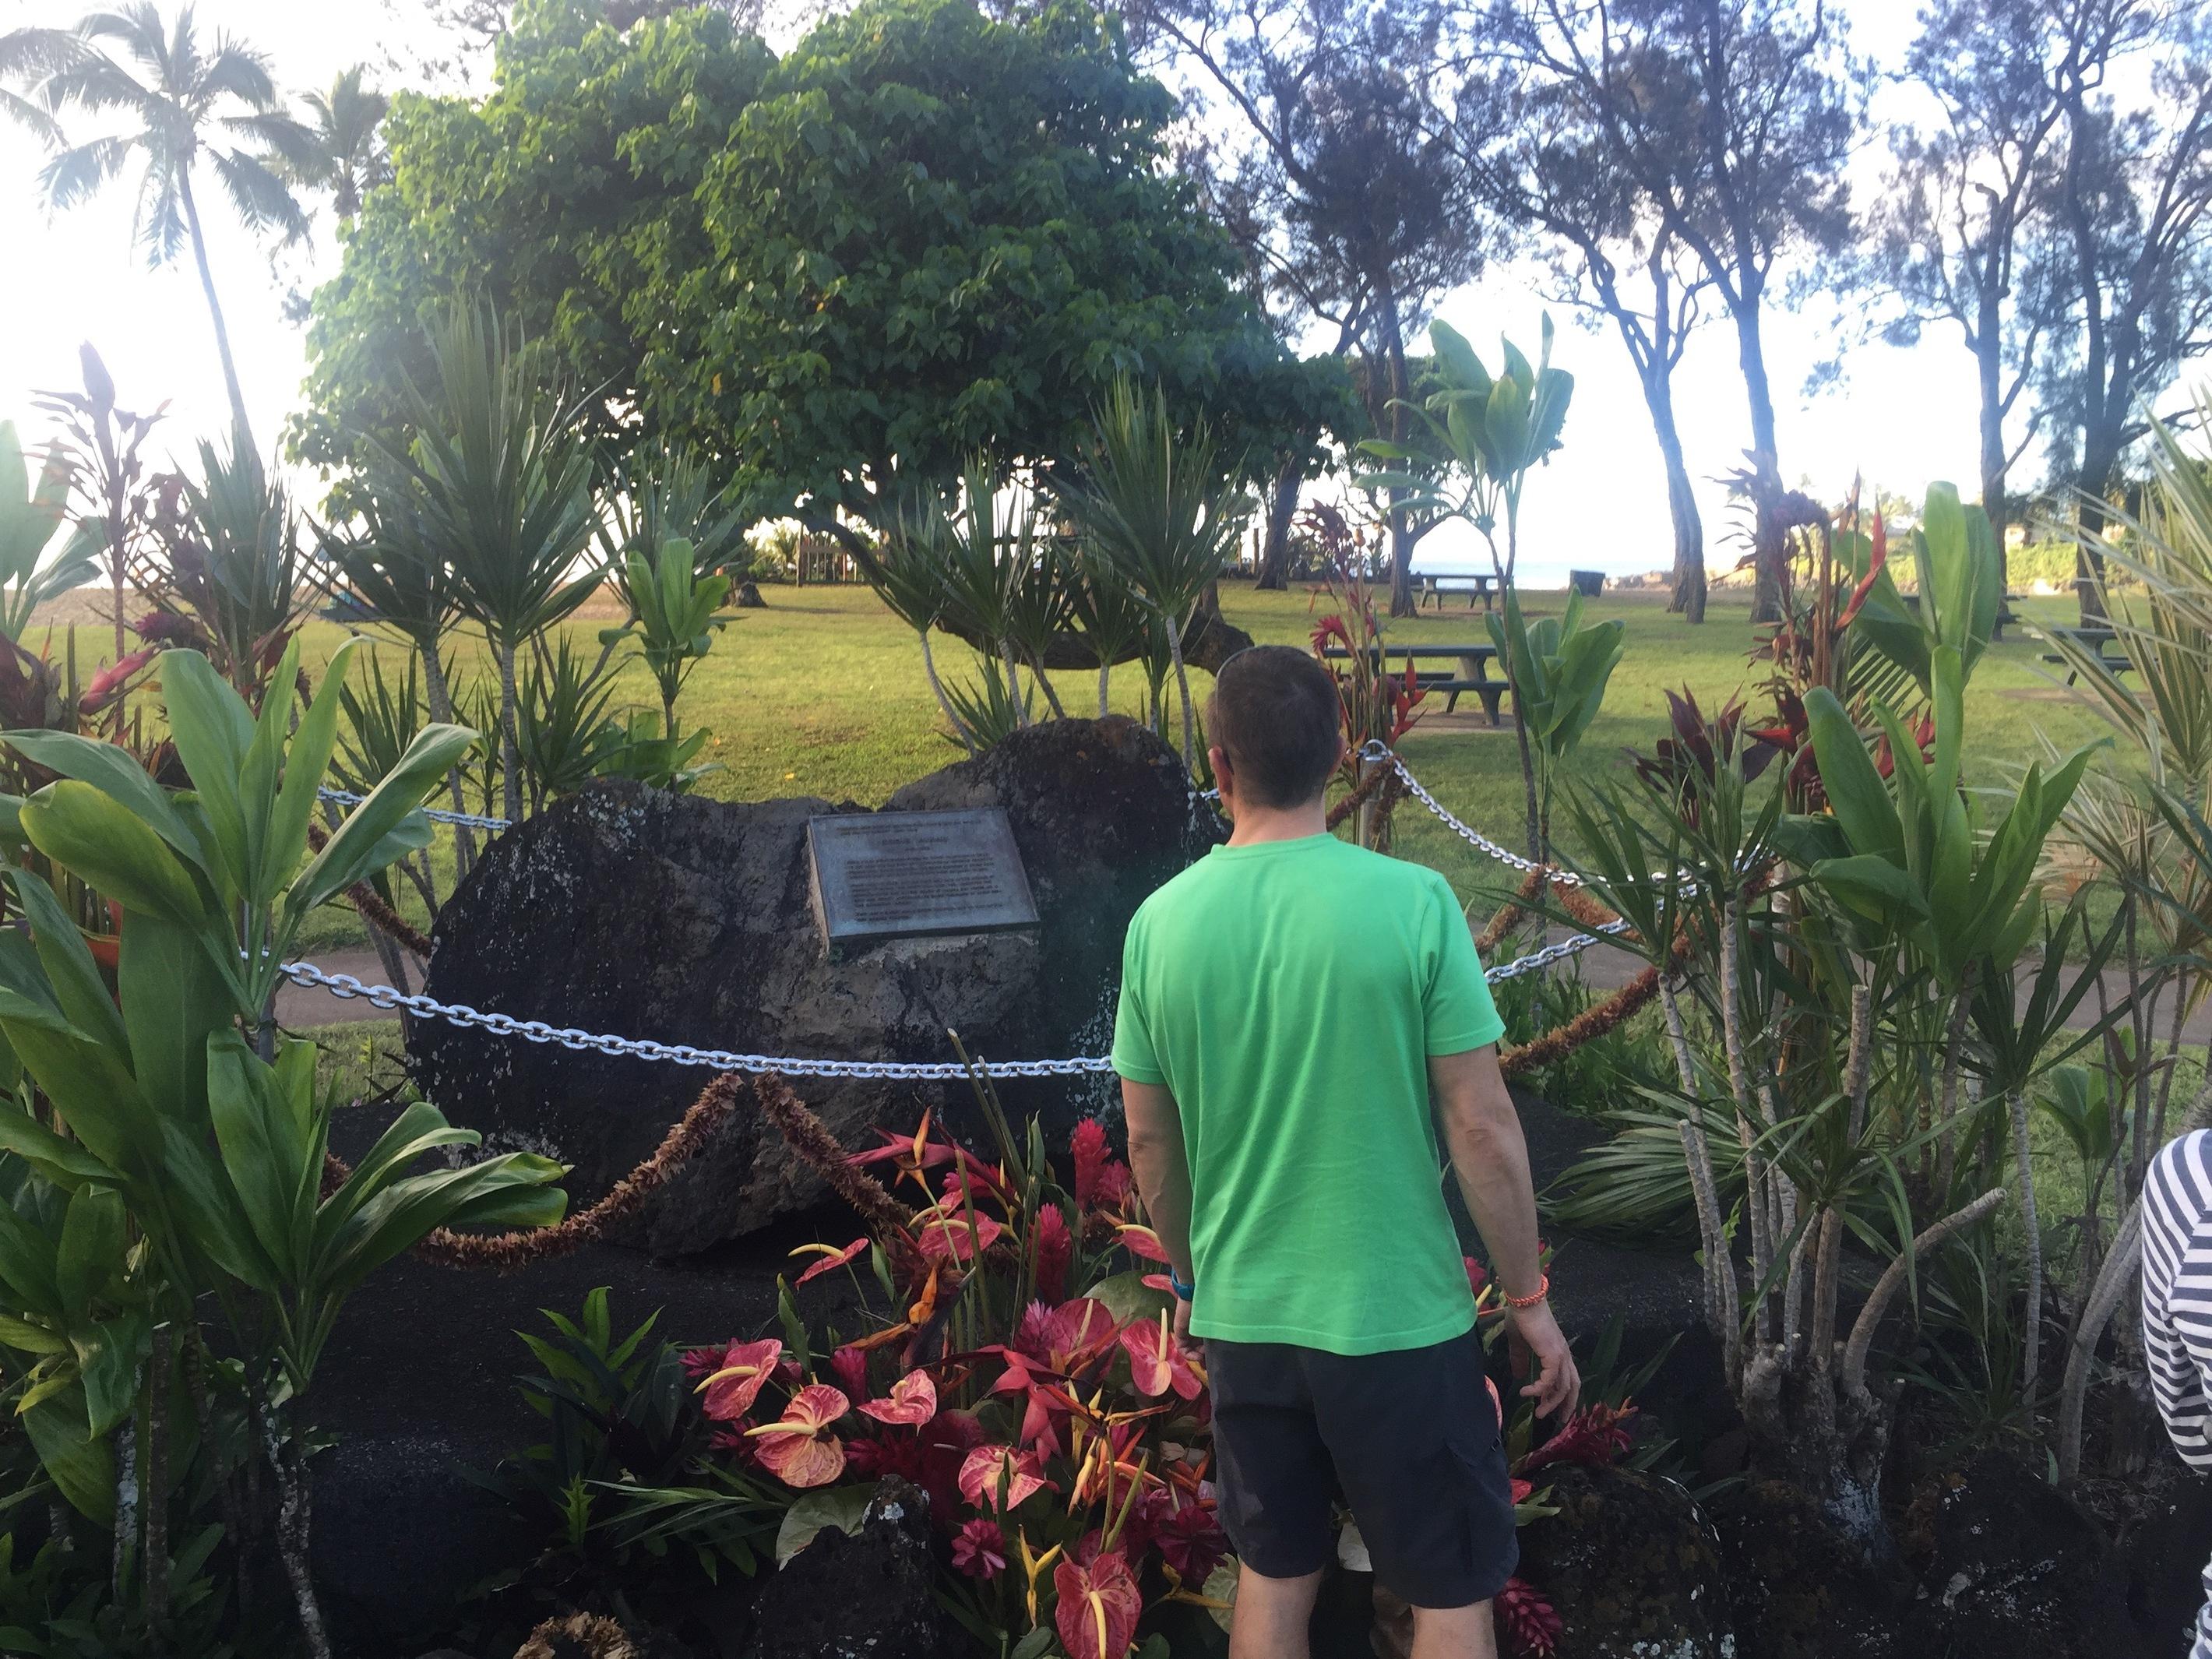 hawaii urlaub tour bericht oahu inselrundfahrt waikiki tour mit anja und mike hawaii reise tipps. Black Bedroom Furniture Sets. Home Design Ideas